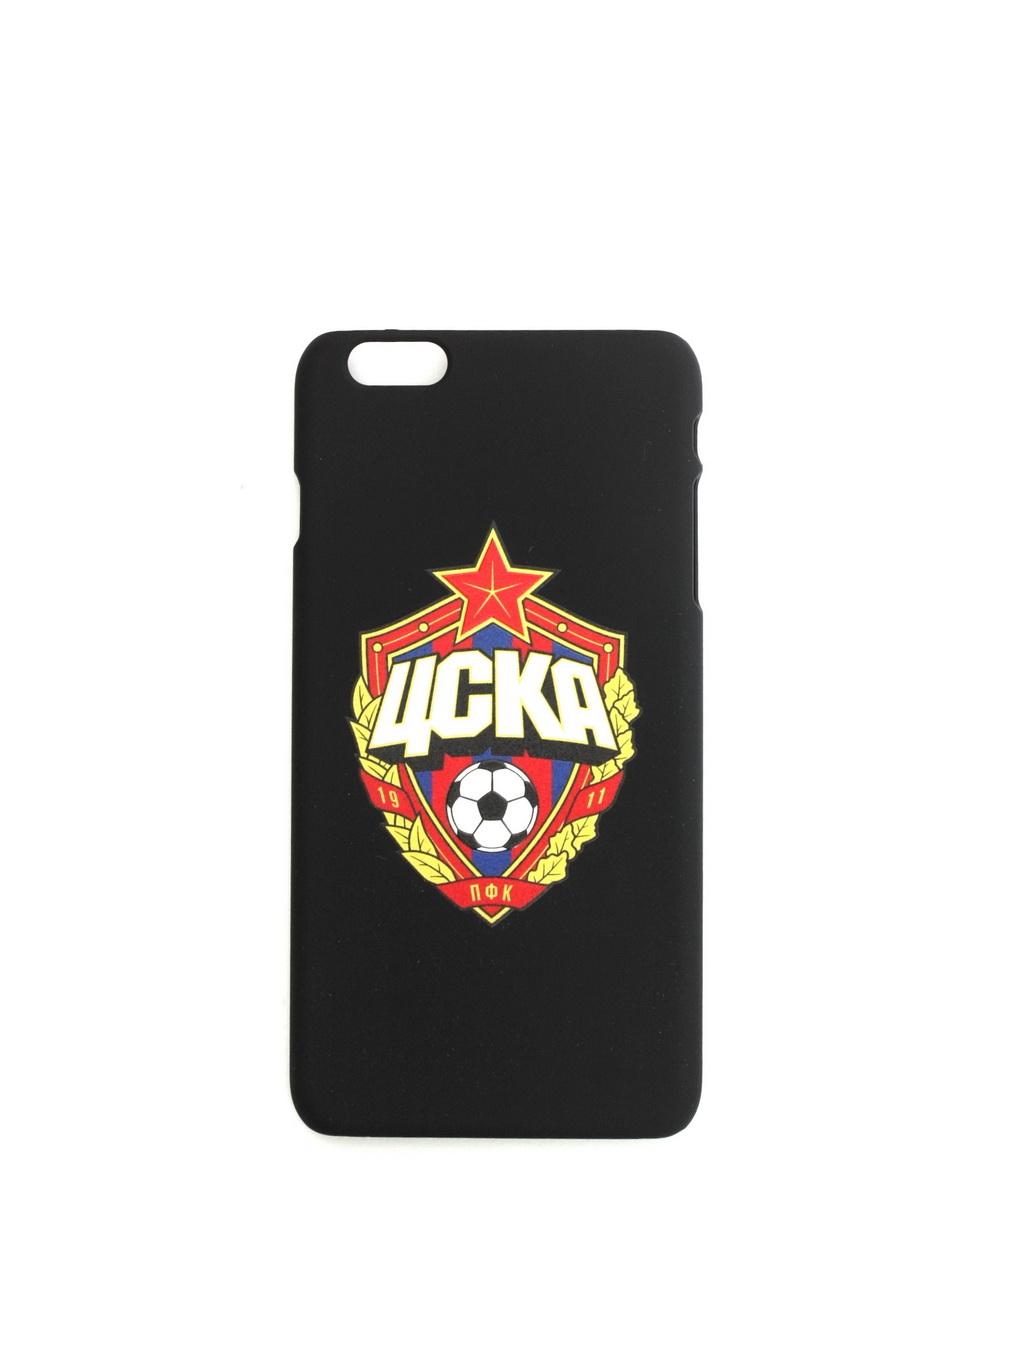 Клип-кейс для iPhone 6 Plus с объемной эмблемой ПФК ЦСКА, цвет черный фото